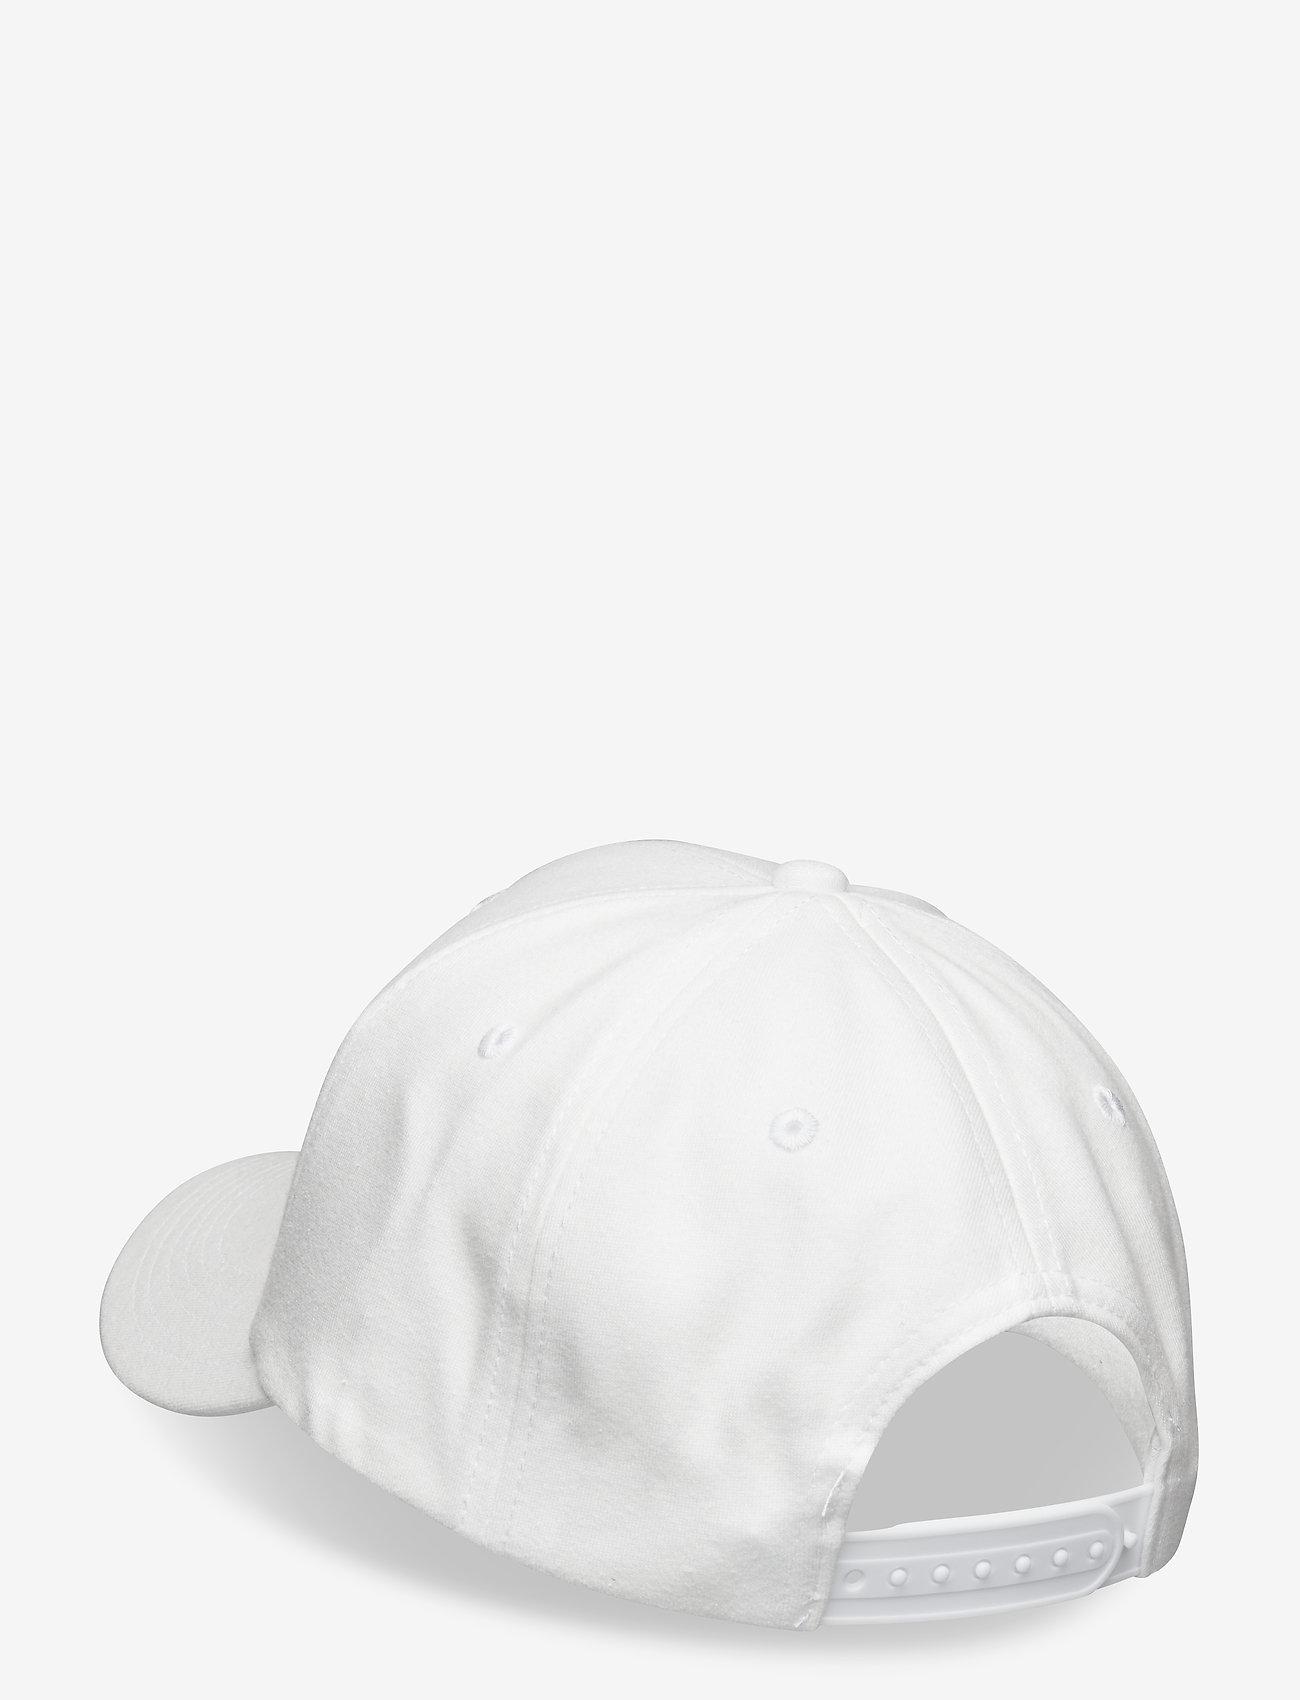 Bula - PACIFICCAP - kappen - white - 1